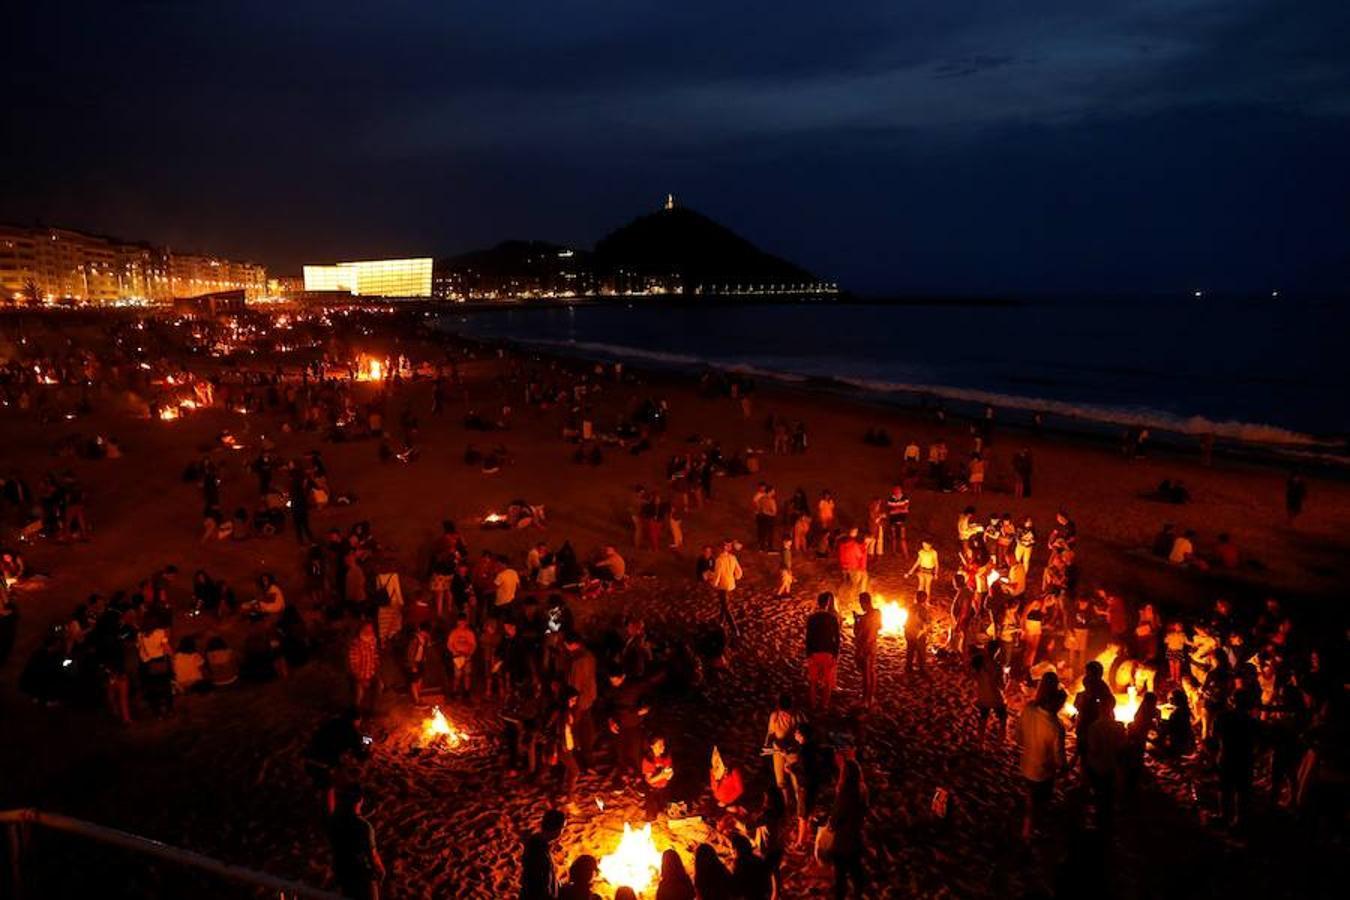 Vista de las tradicionales hogueras de San Juan en la playa de La Zurriola de San Sebastián